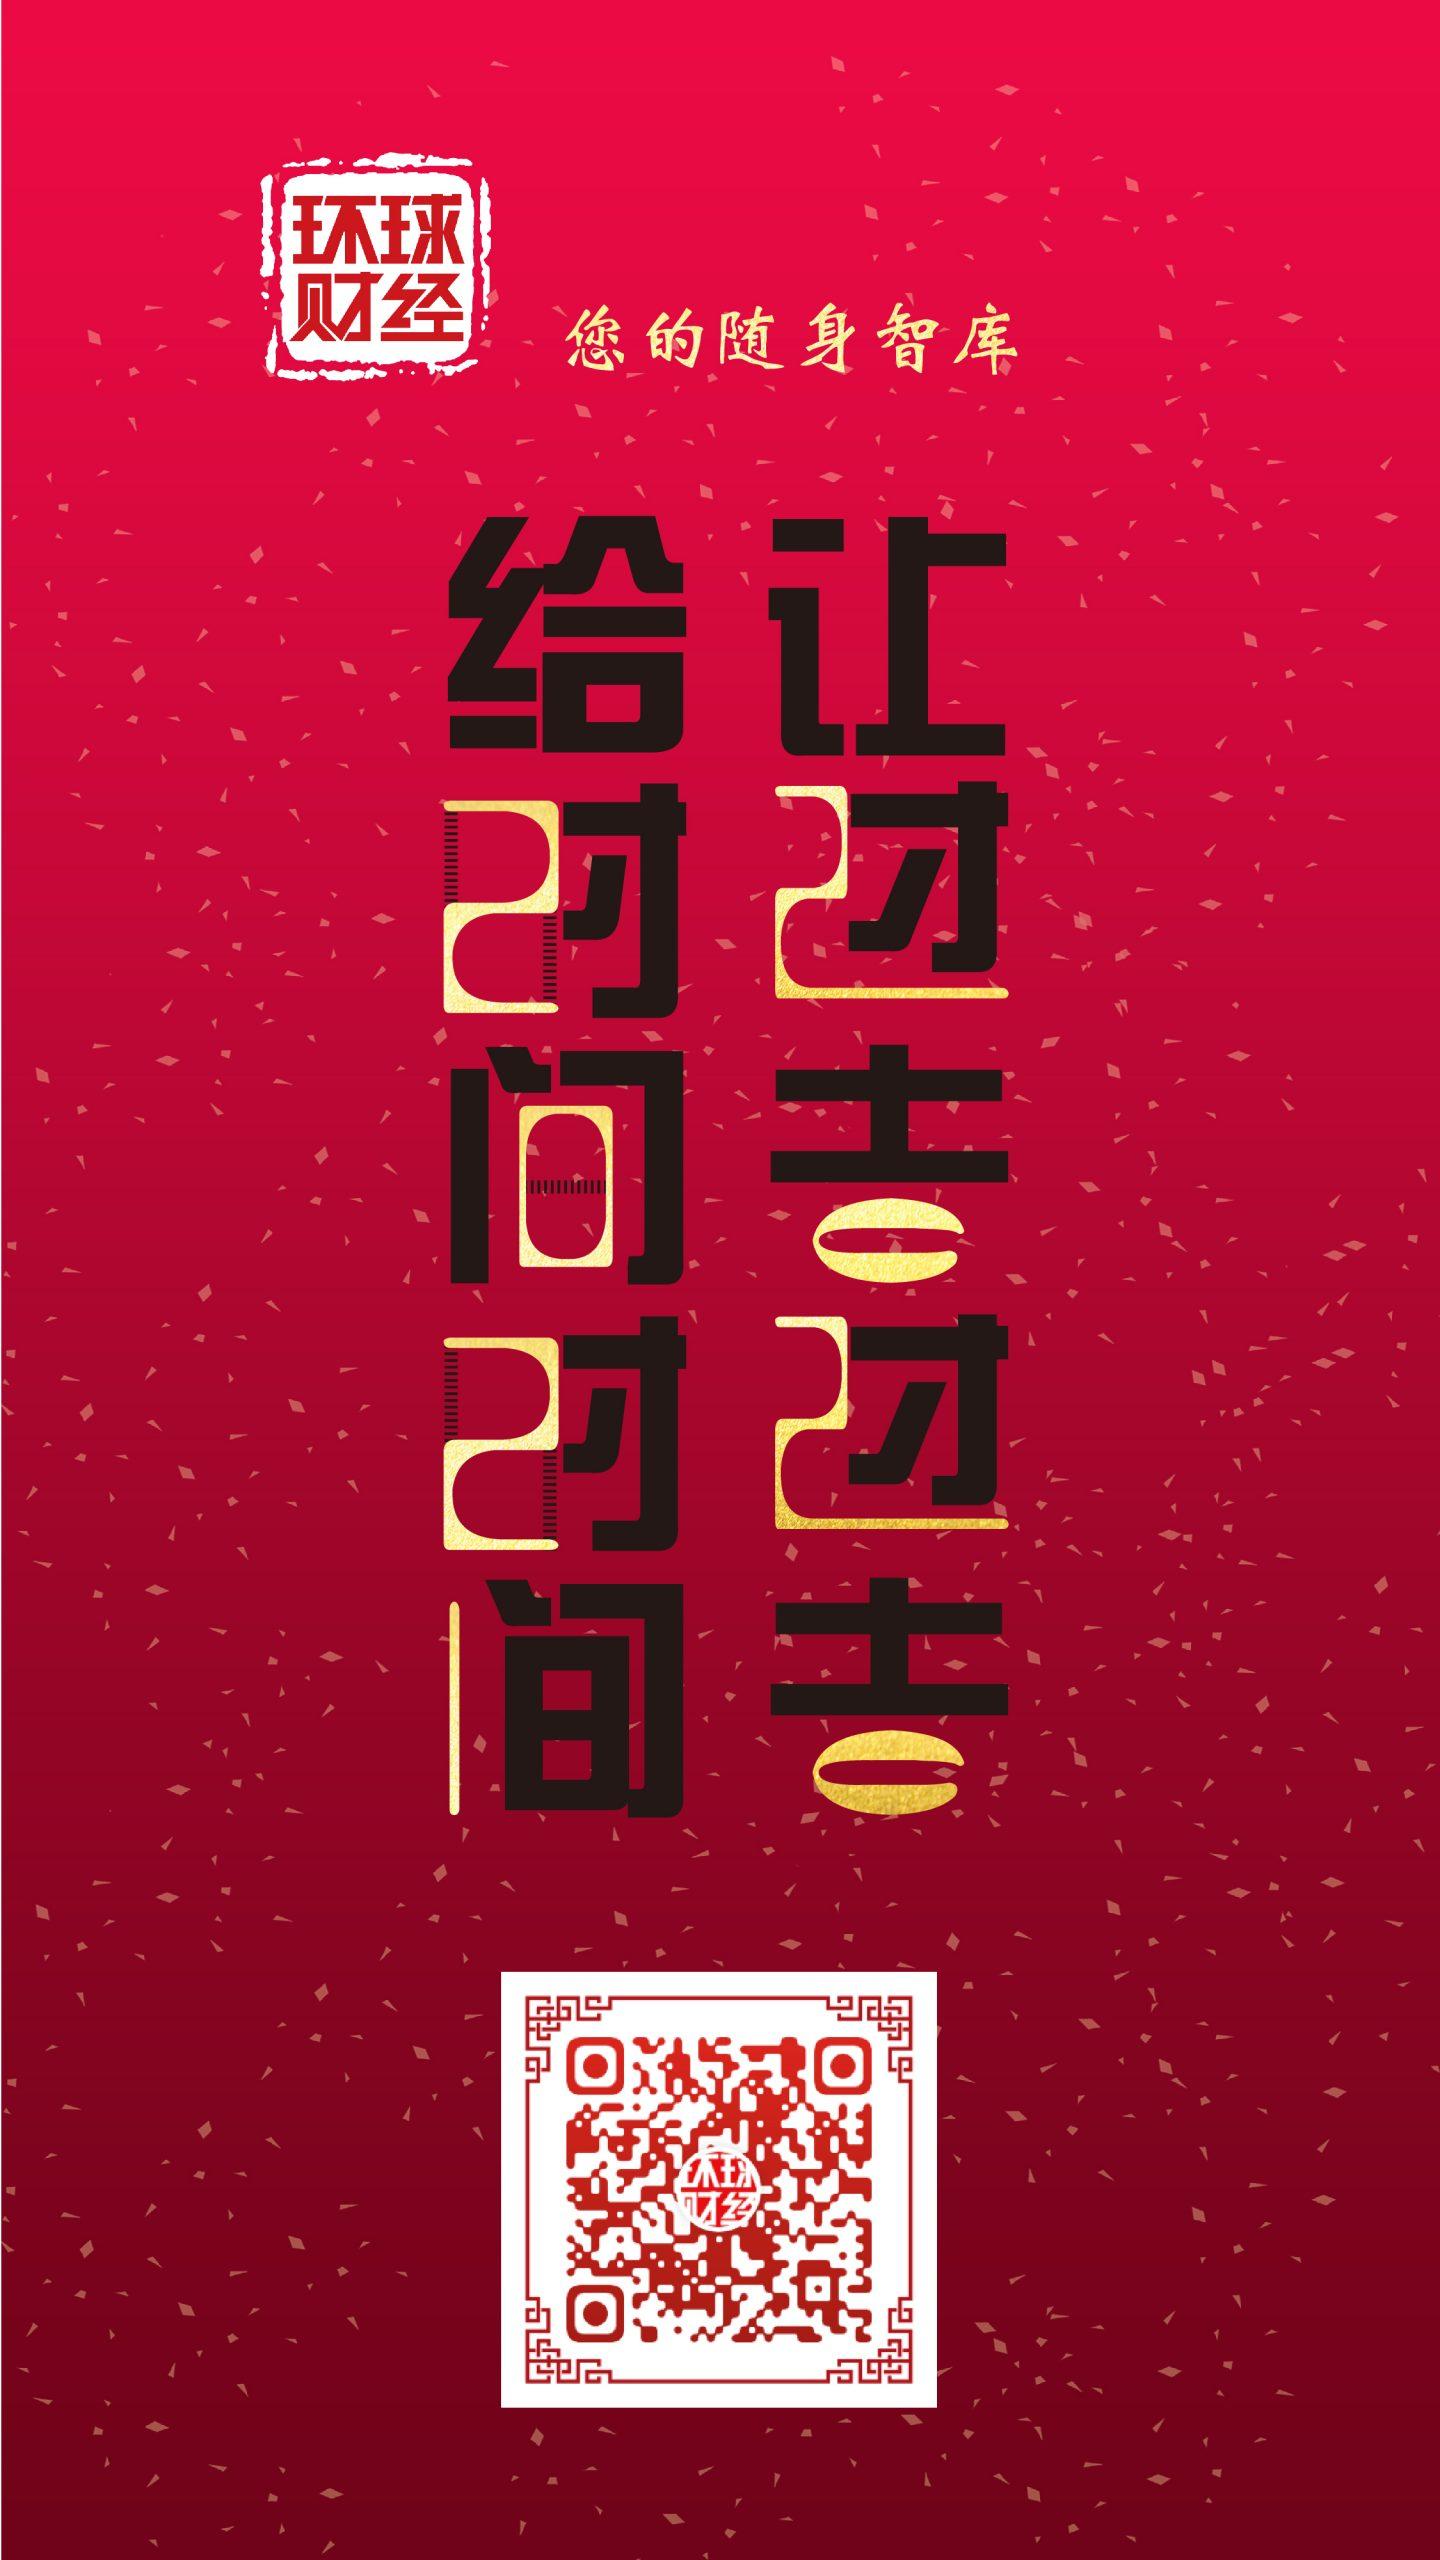 让过去过去,给时间时间——祝《环球财经》读者朋友2021年安康如意!